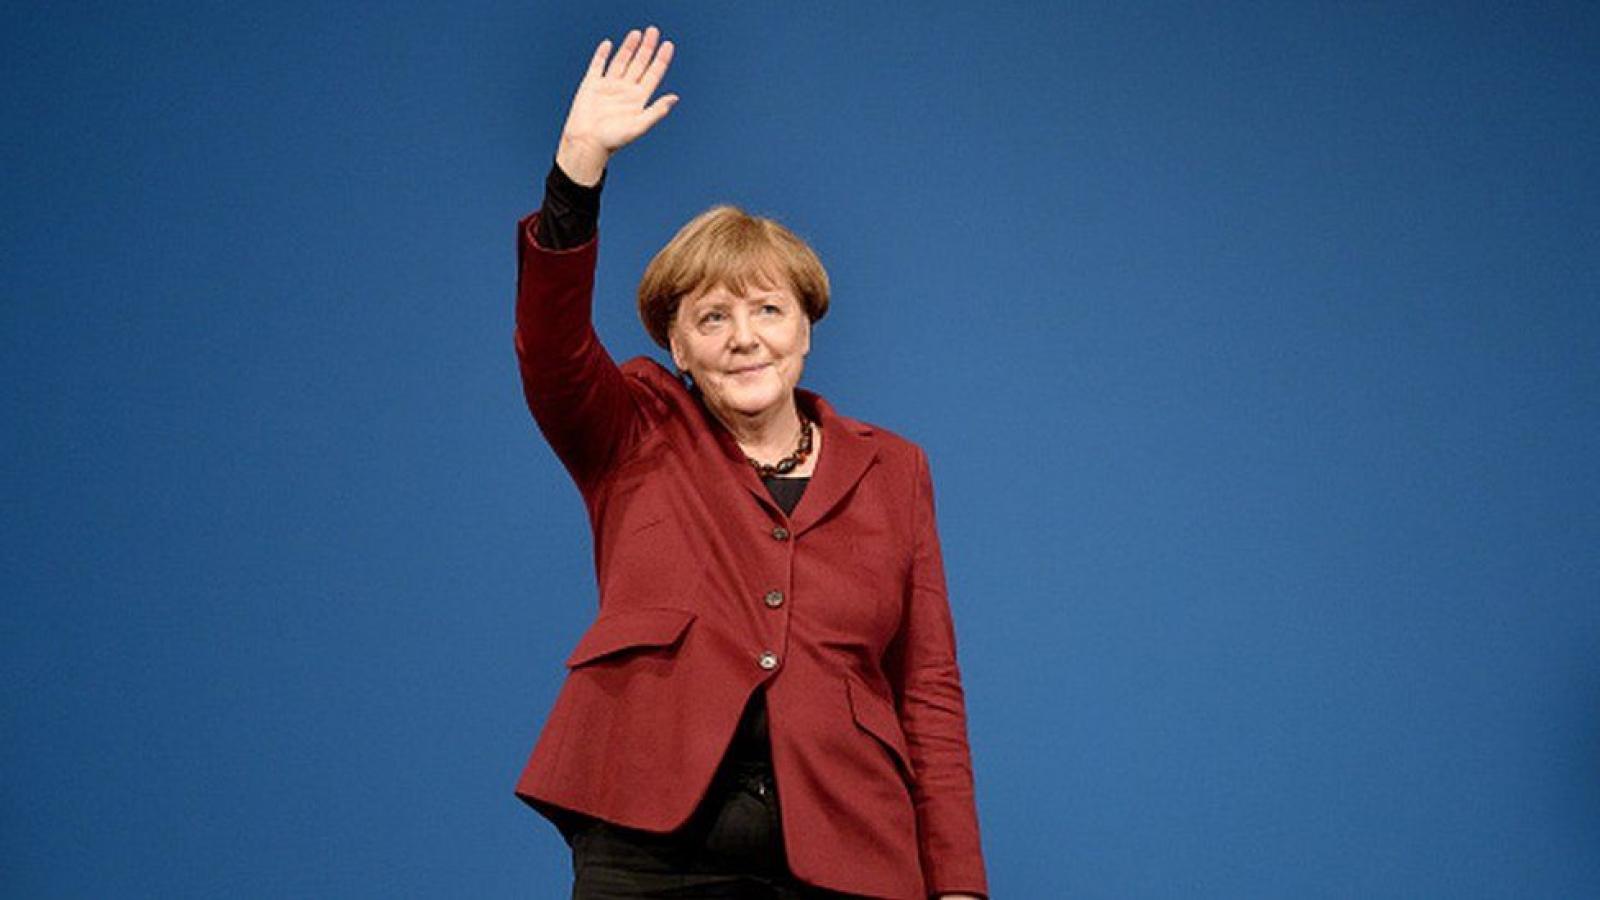 Những khoảnh khắc đáng nhớ trong 16 năm cầm quyền của Thủ tướng Đức Angela Merkel